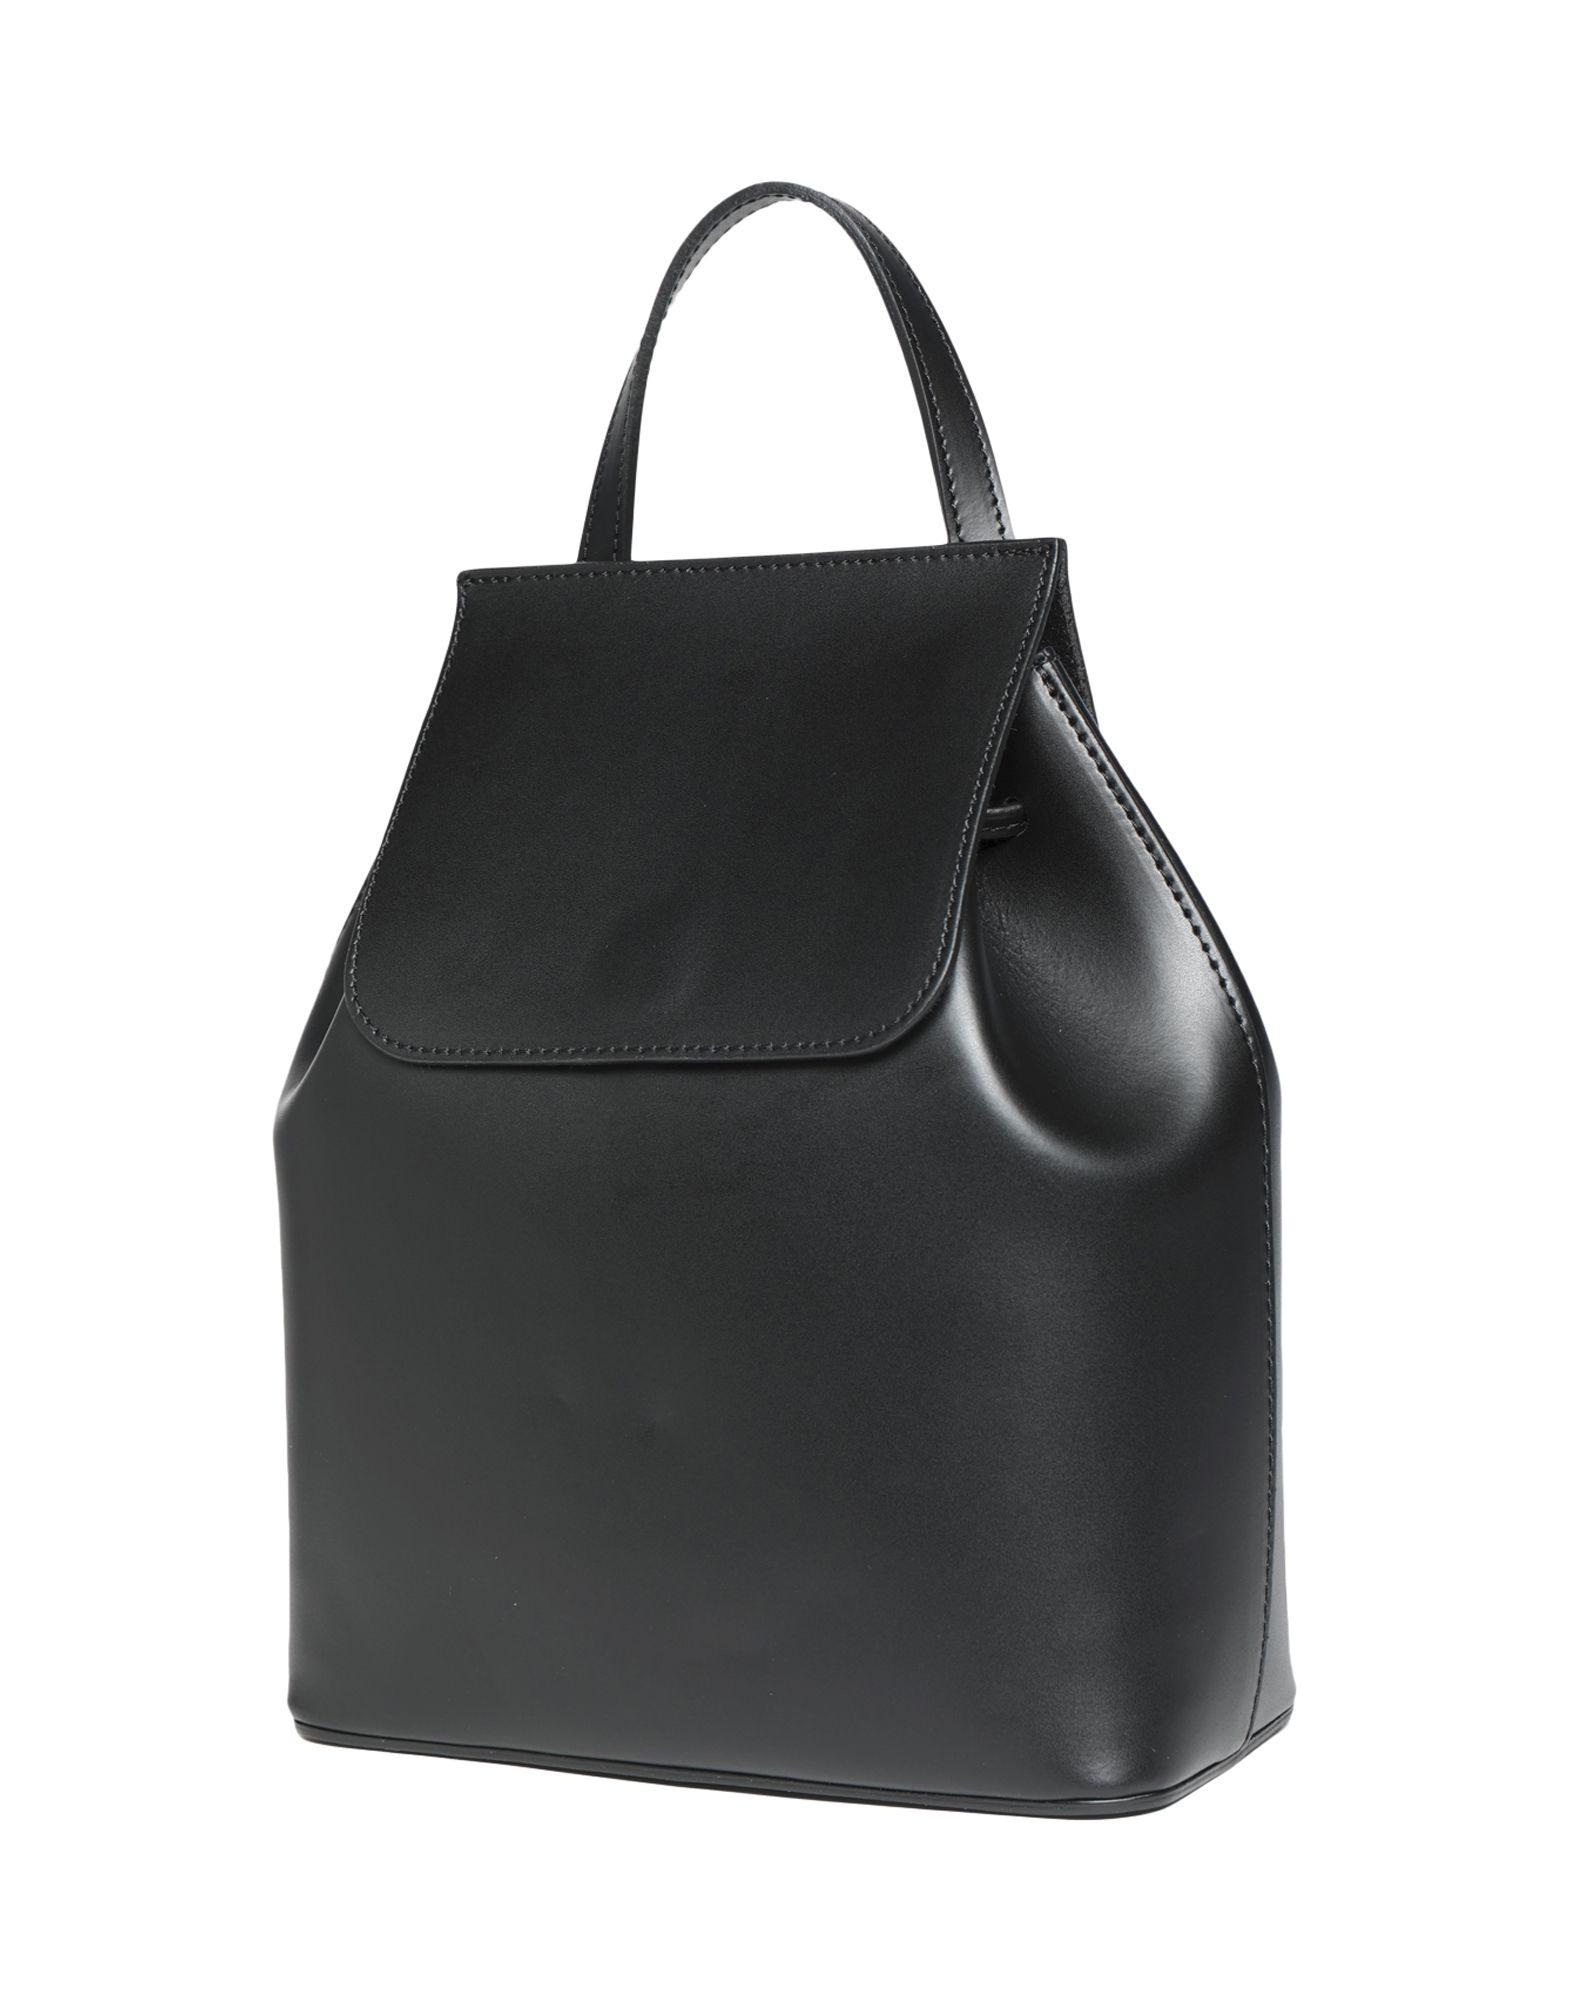 8 by YOOX Рюкзаки и сумки на пояс сумки для детей pink lining детский мини рюкзак knights